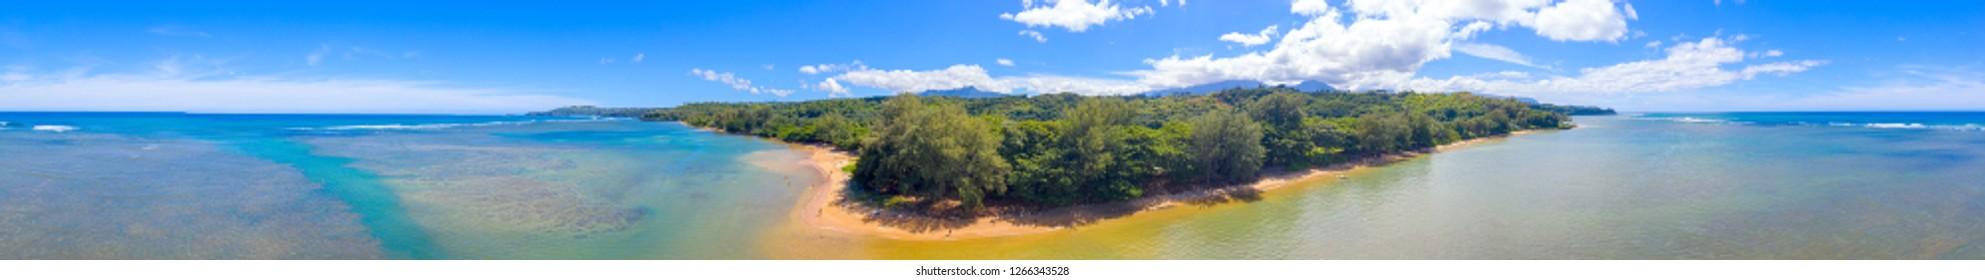 Anini Beach Kauai Hawaii 360 Aerial Panorama White Sand